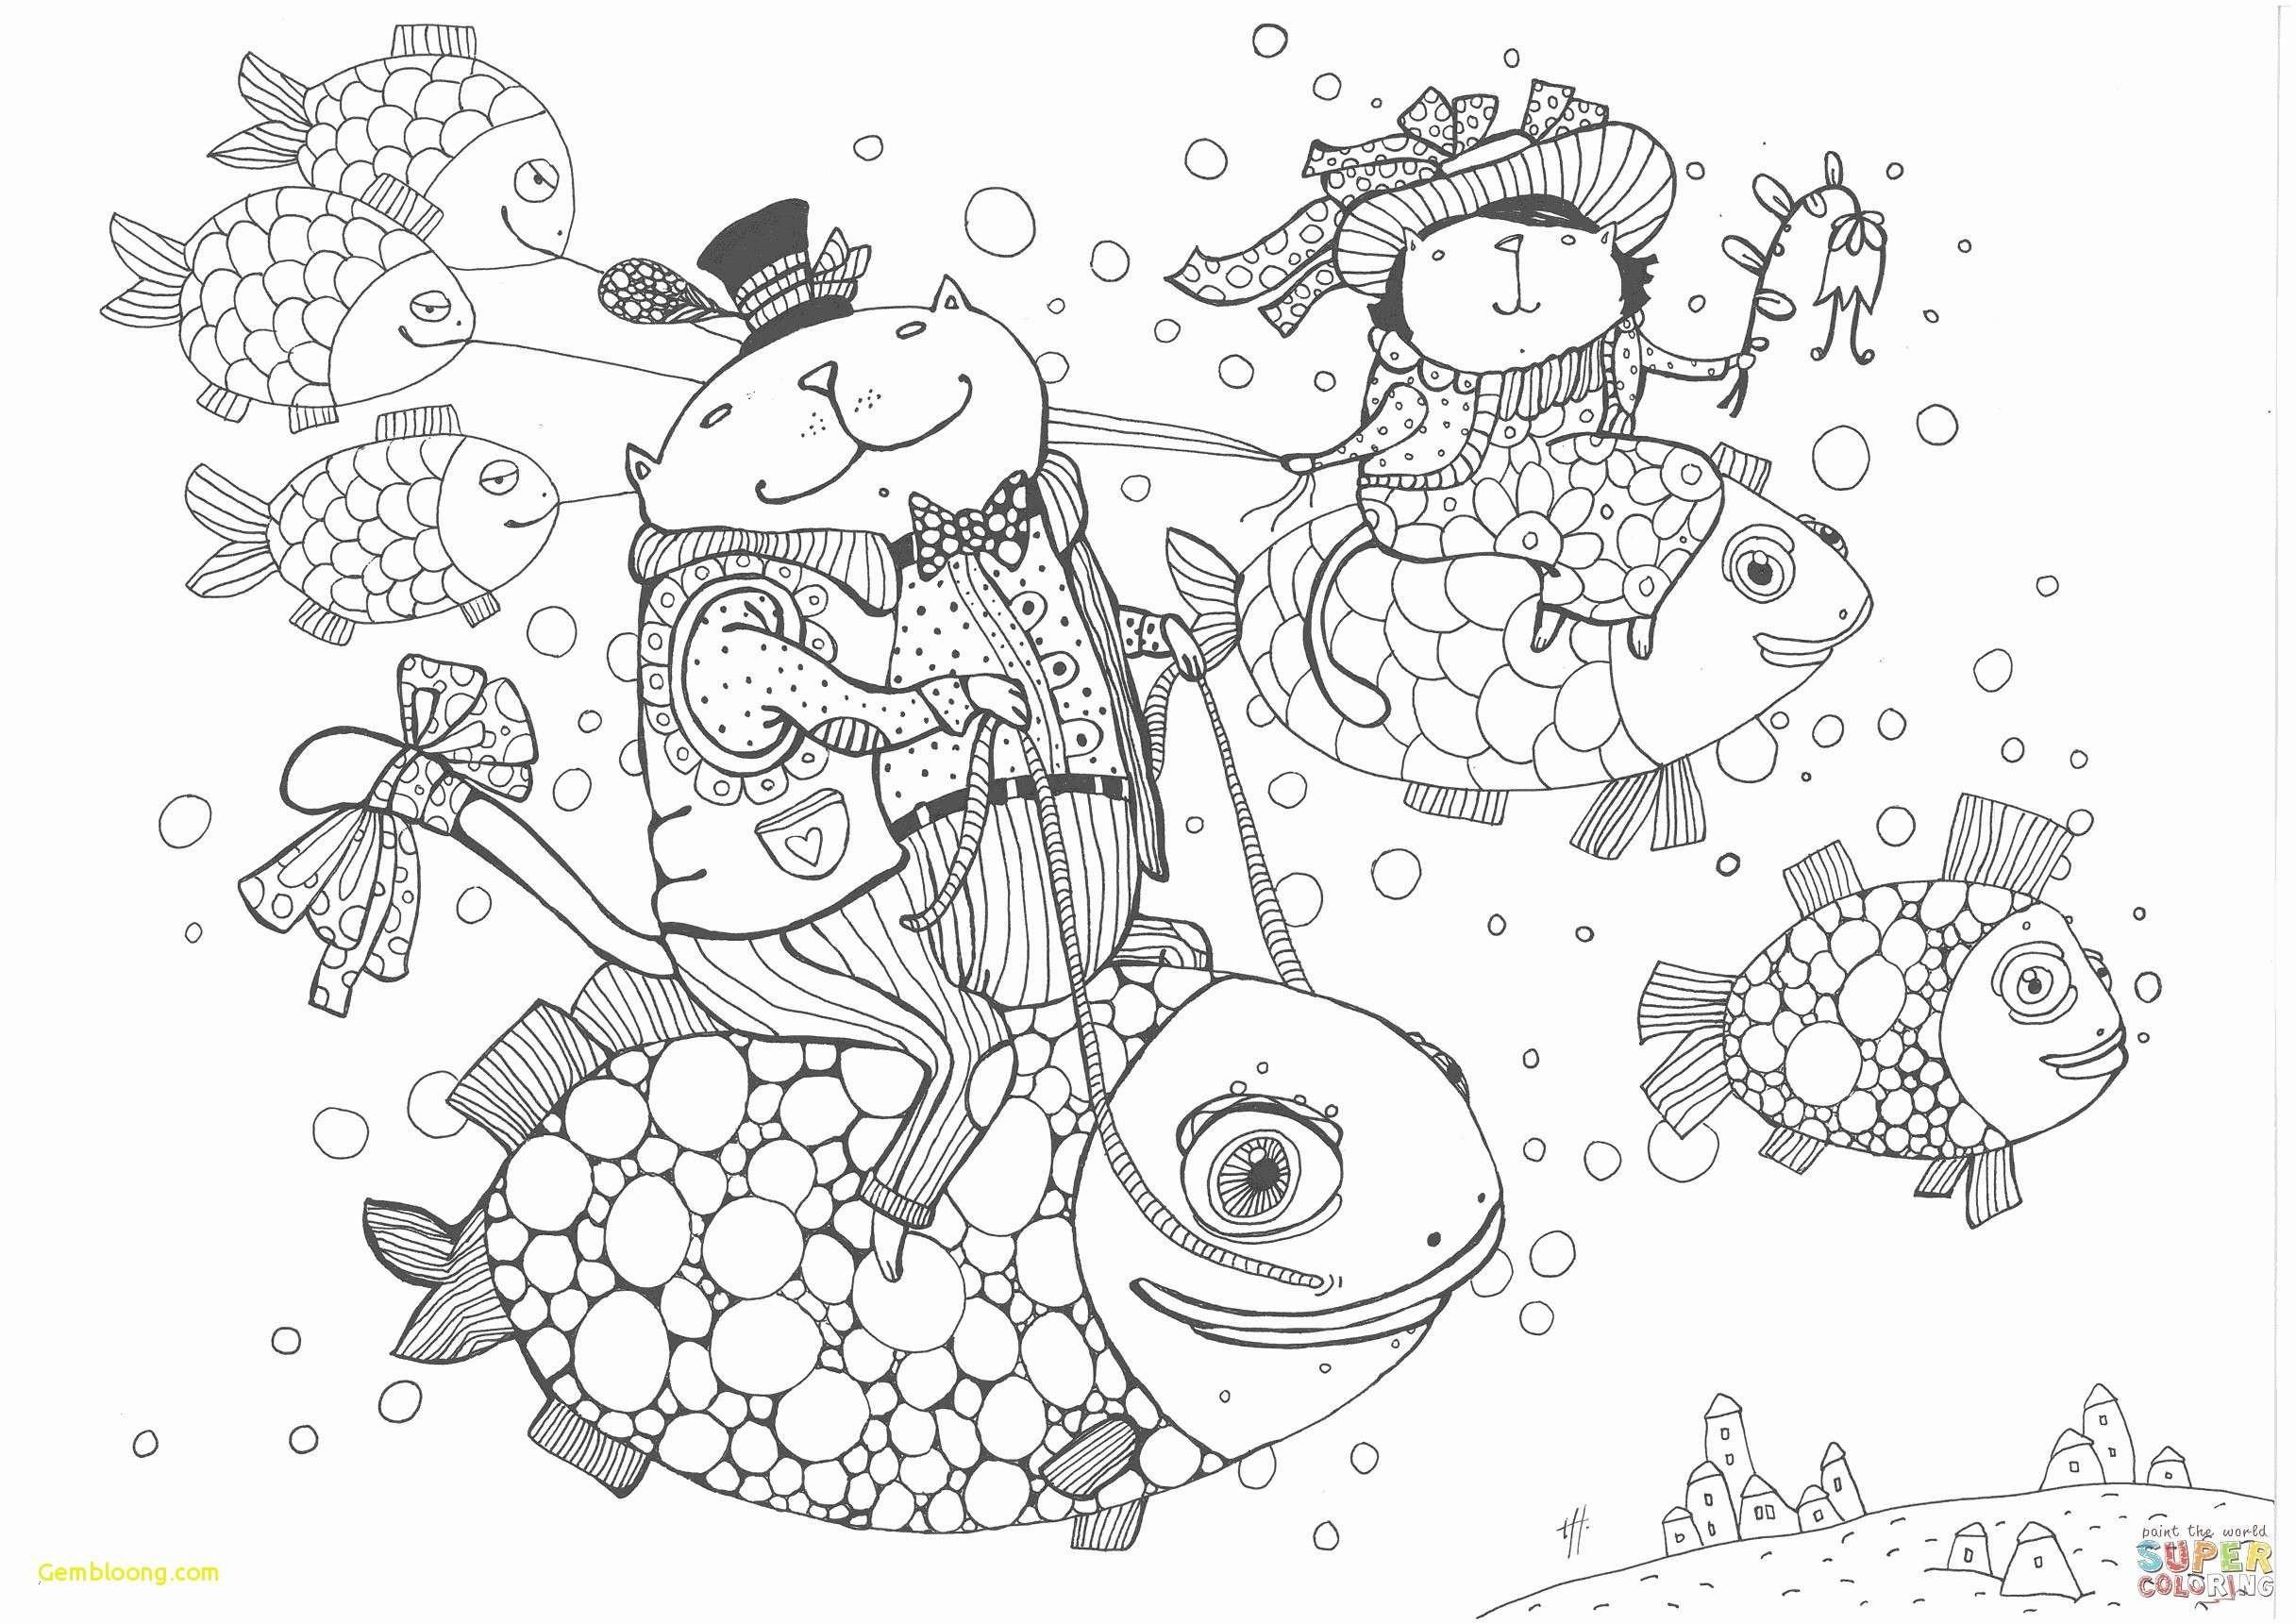 Winnie Pooh Baby Malvorlagen Frisch 37 Ausmalbilder Winnie Pooh Baby Scoredatscore Elegant Teufel Galerie